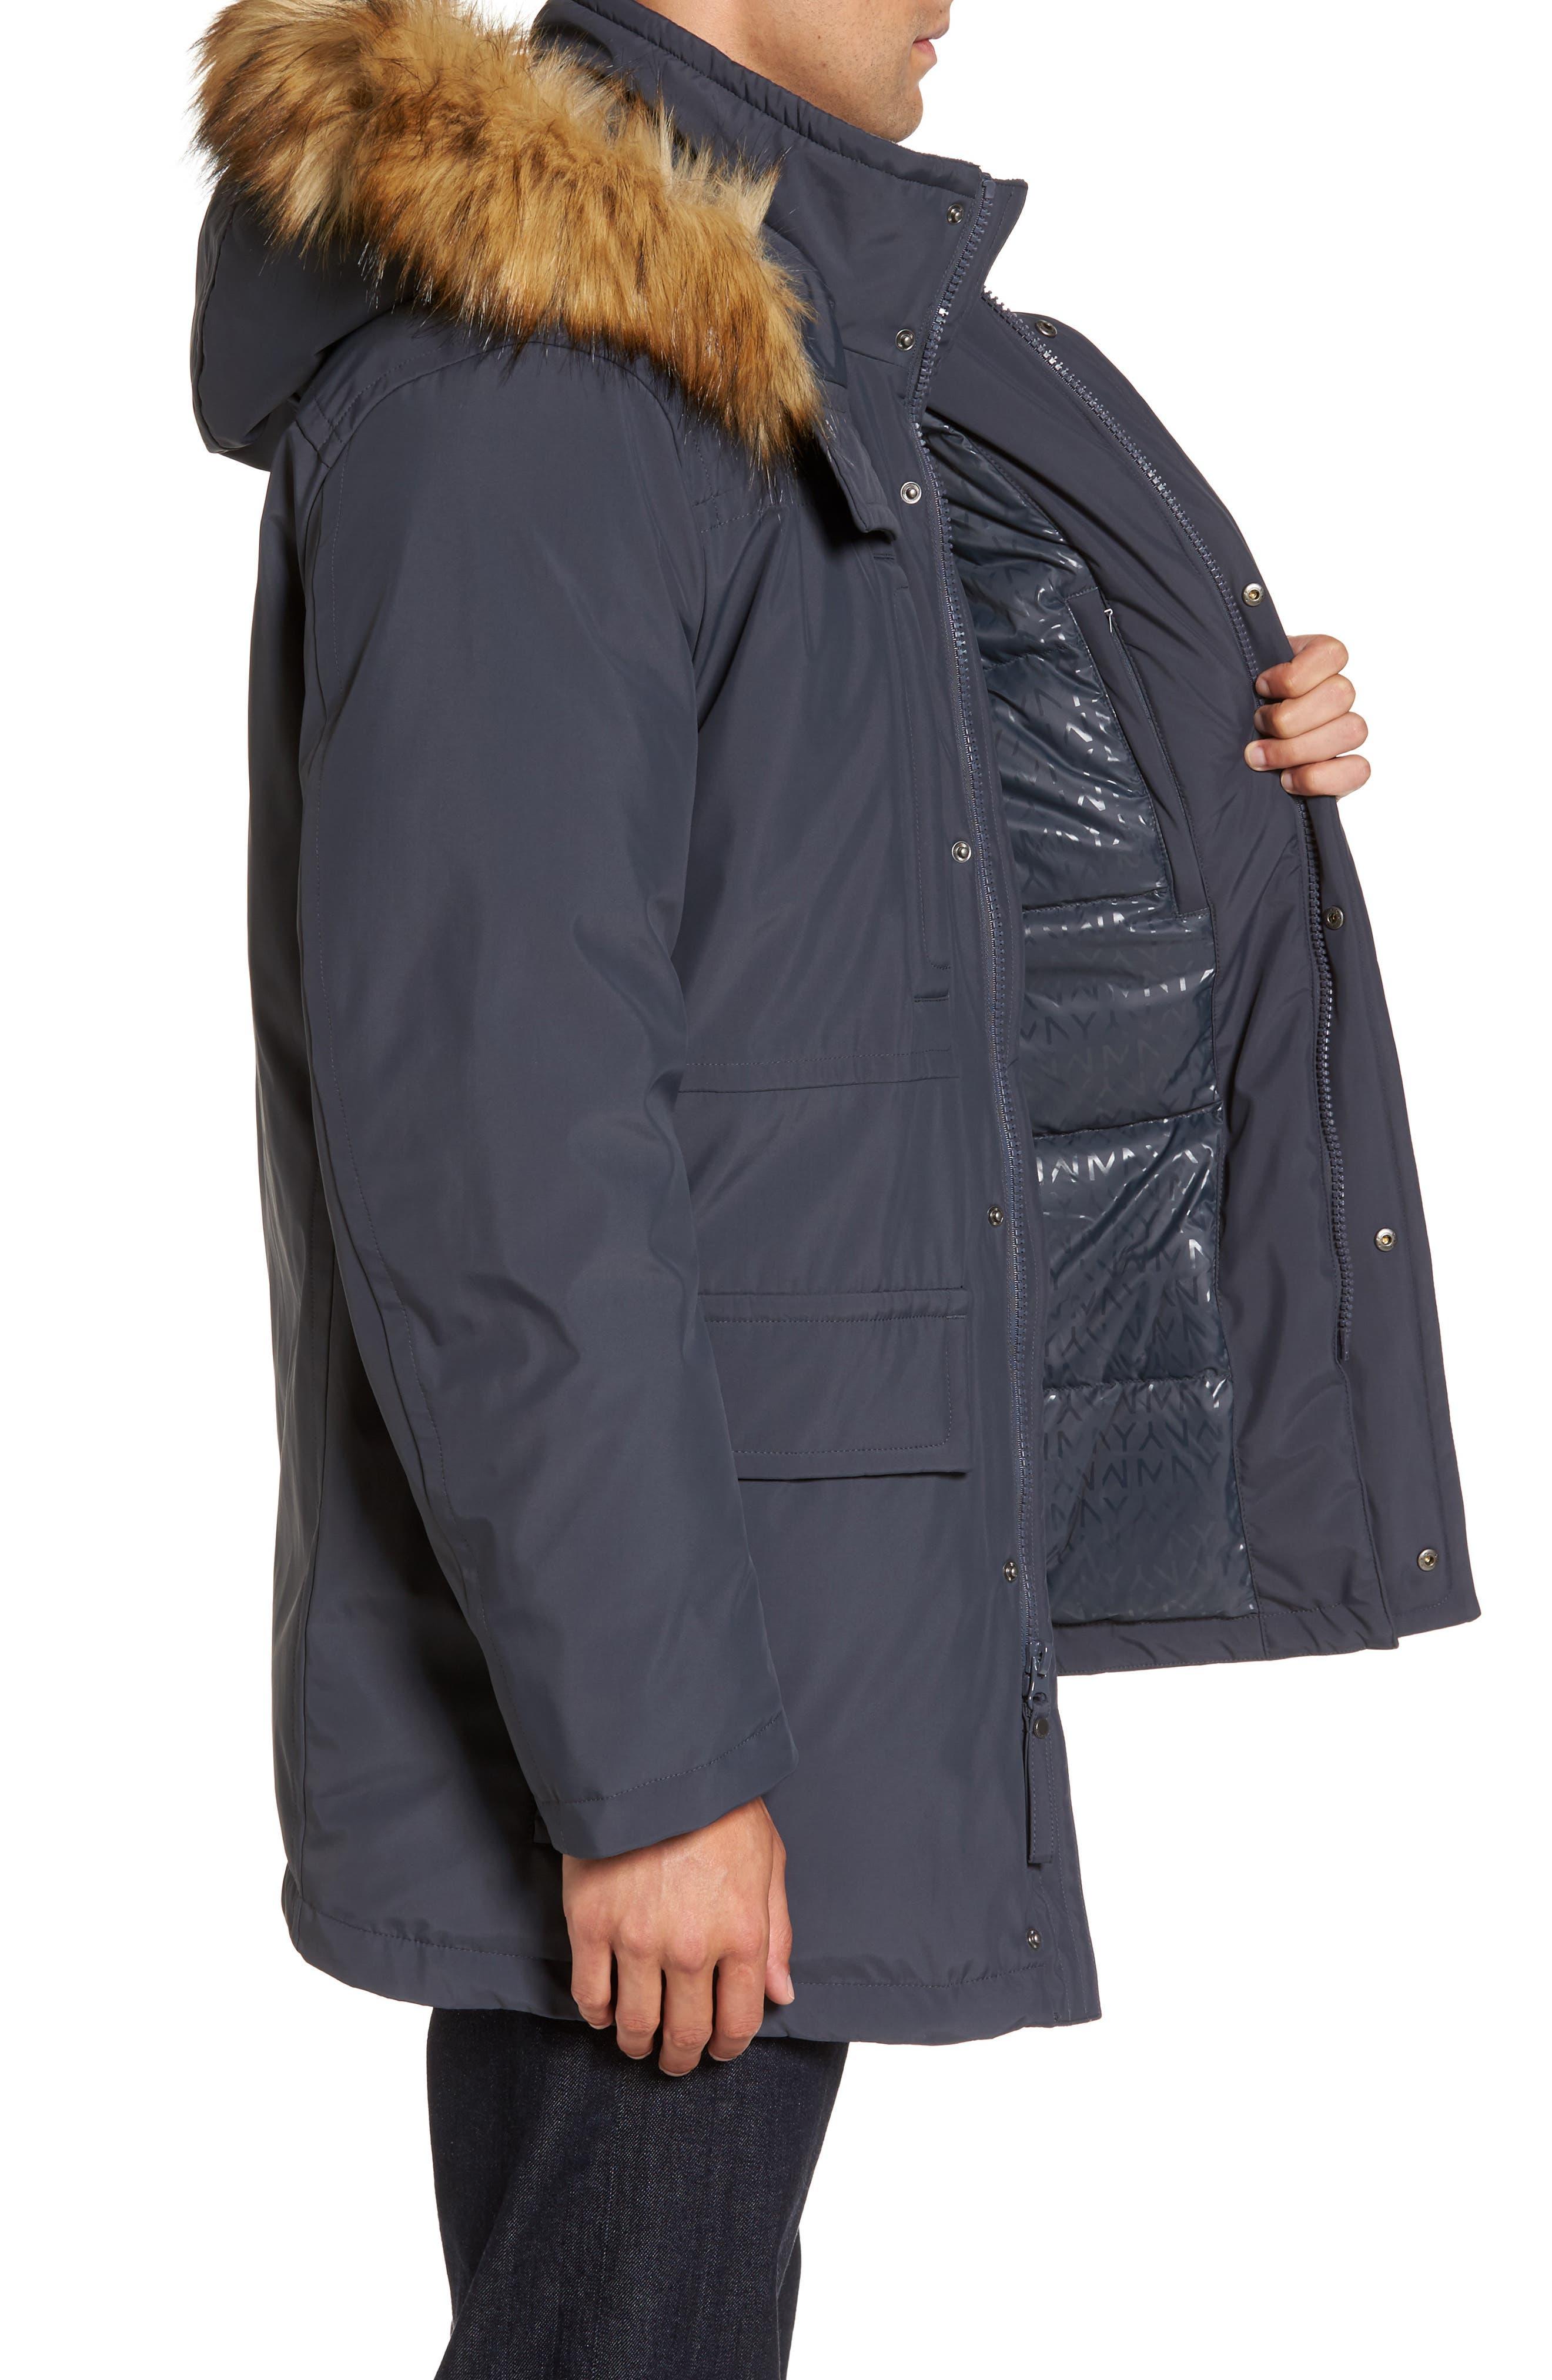 Down Jacket with Faux Fur Trim,                             Alternate thumbnail 3, color,                             Magnet